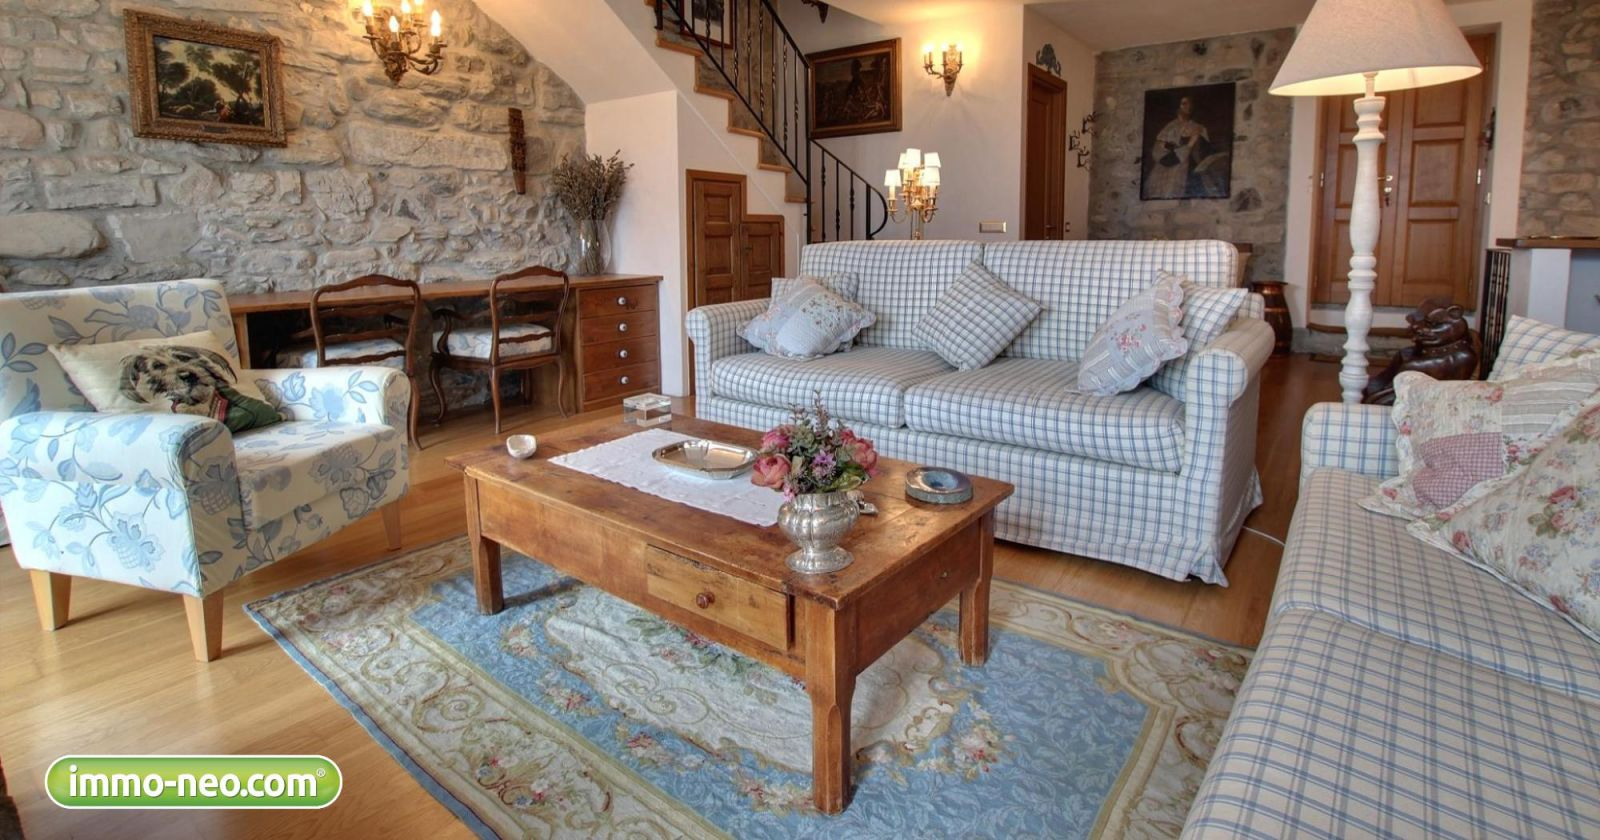 Due case da sogno in vendita tra privati sul lago di como for Luddui case vendita